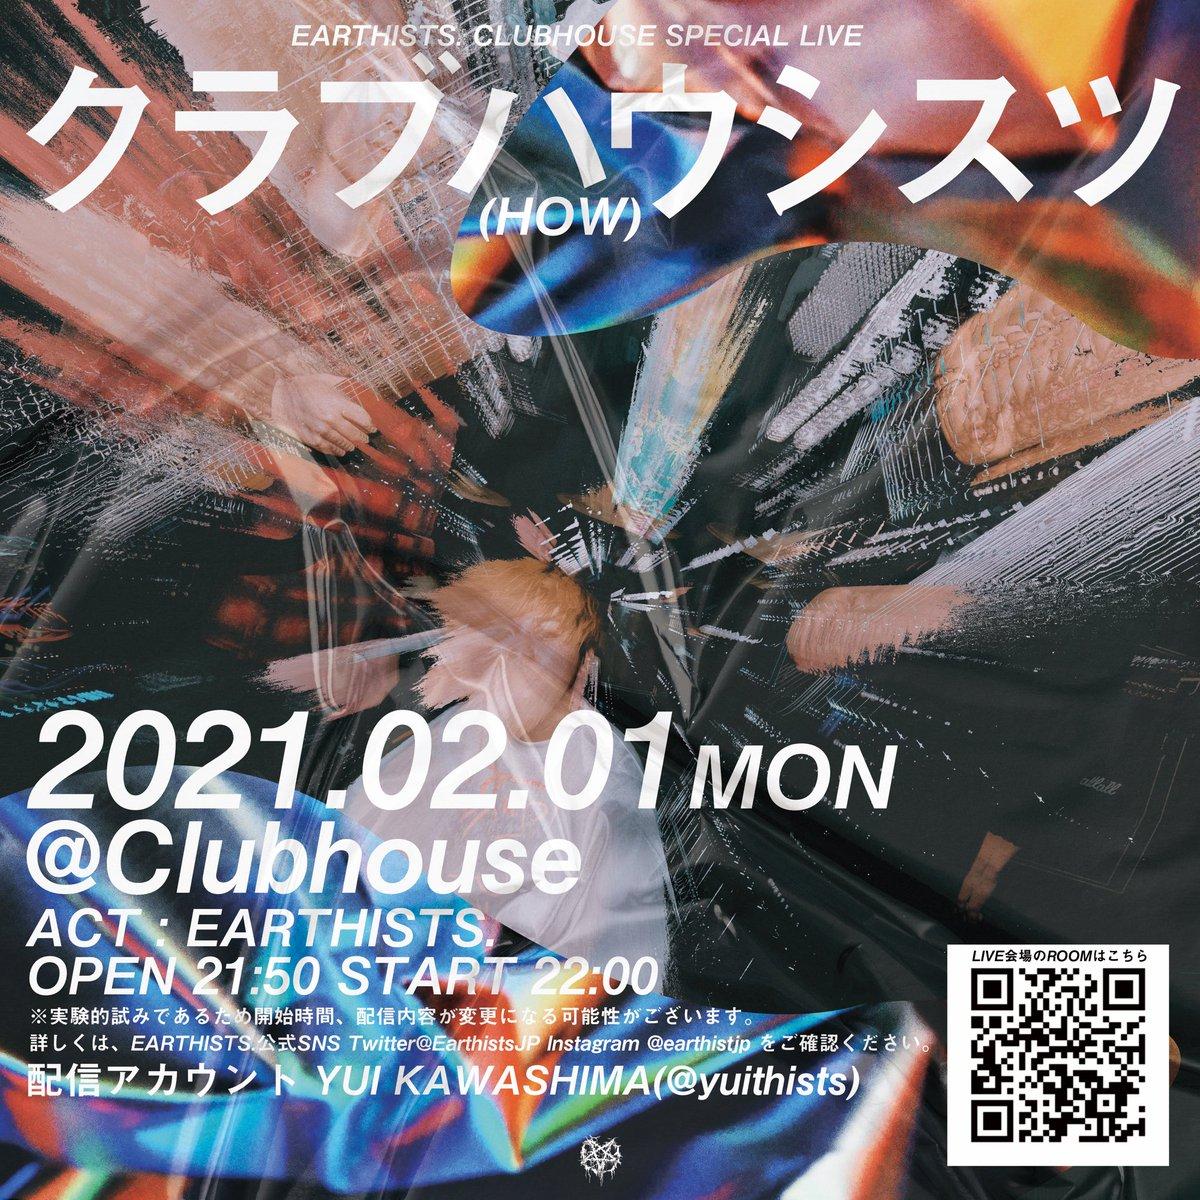 【⚠️緊急告知⚠️】2021年2月1日(月)「クラブハウシスツ」開催決定。22:00よりオーディオチャットSNSサービス「Clubhouse」にて完全生演奏のライブ配信を行います。視聴無料。是非お越し下さい。ROOMはこちら(21:50から入室可能)↓#クラブハウシスツ #earthists